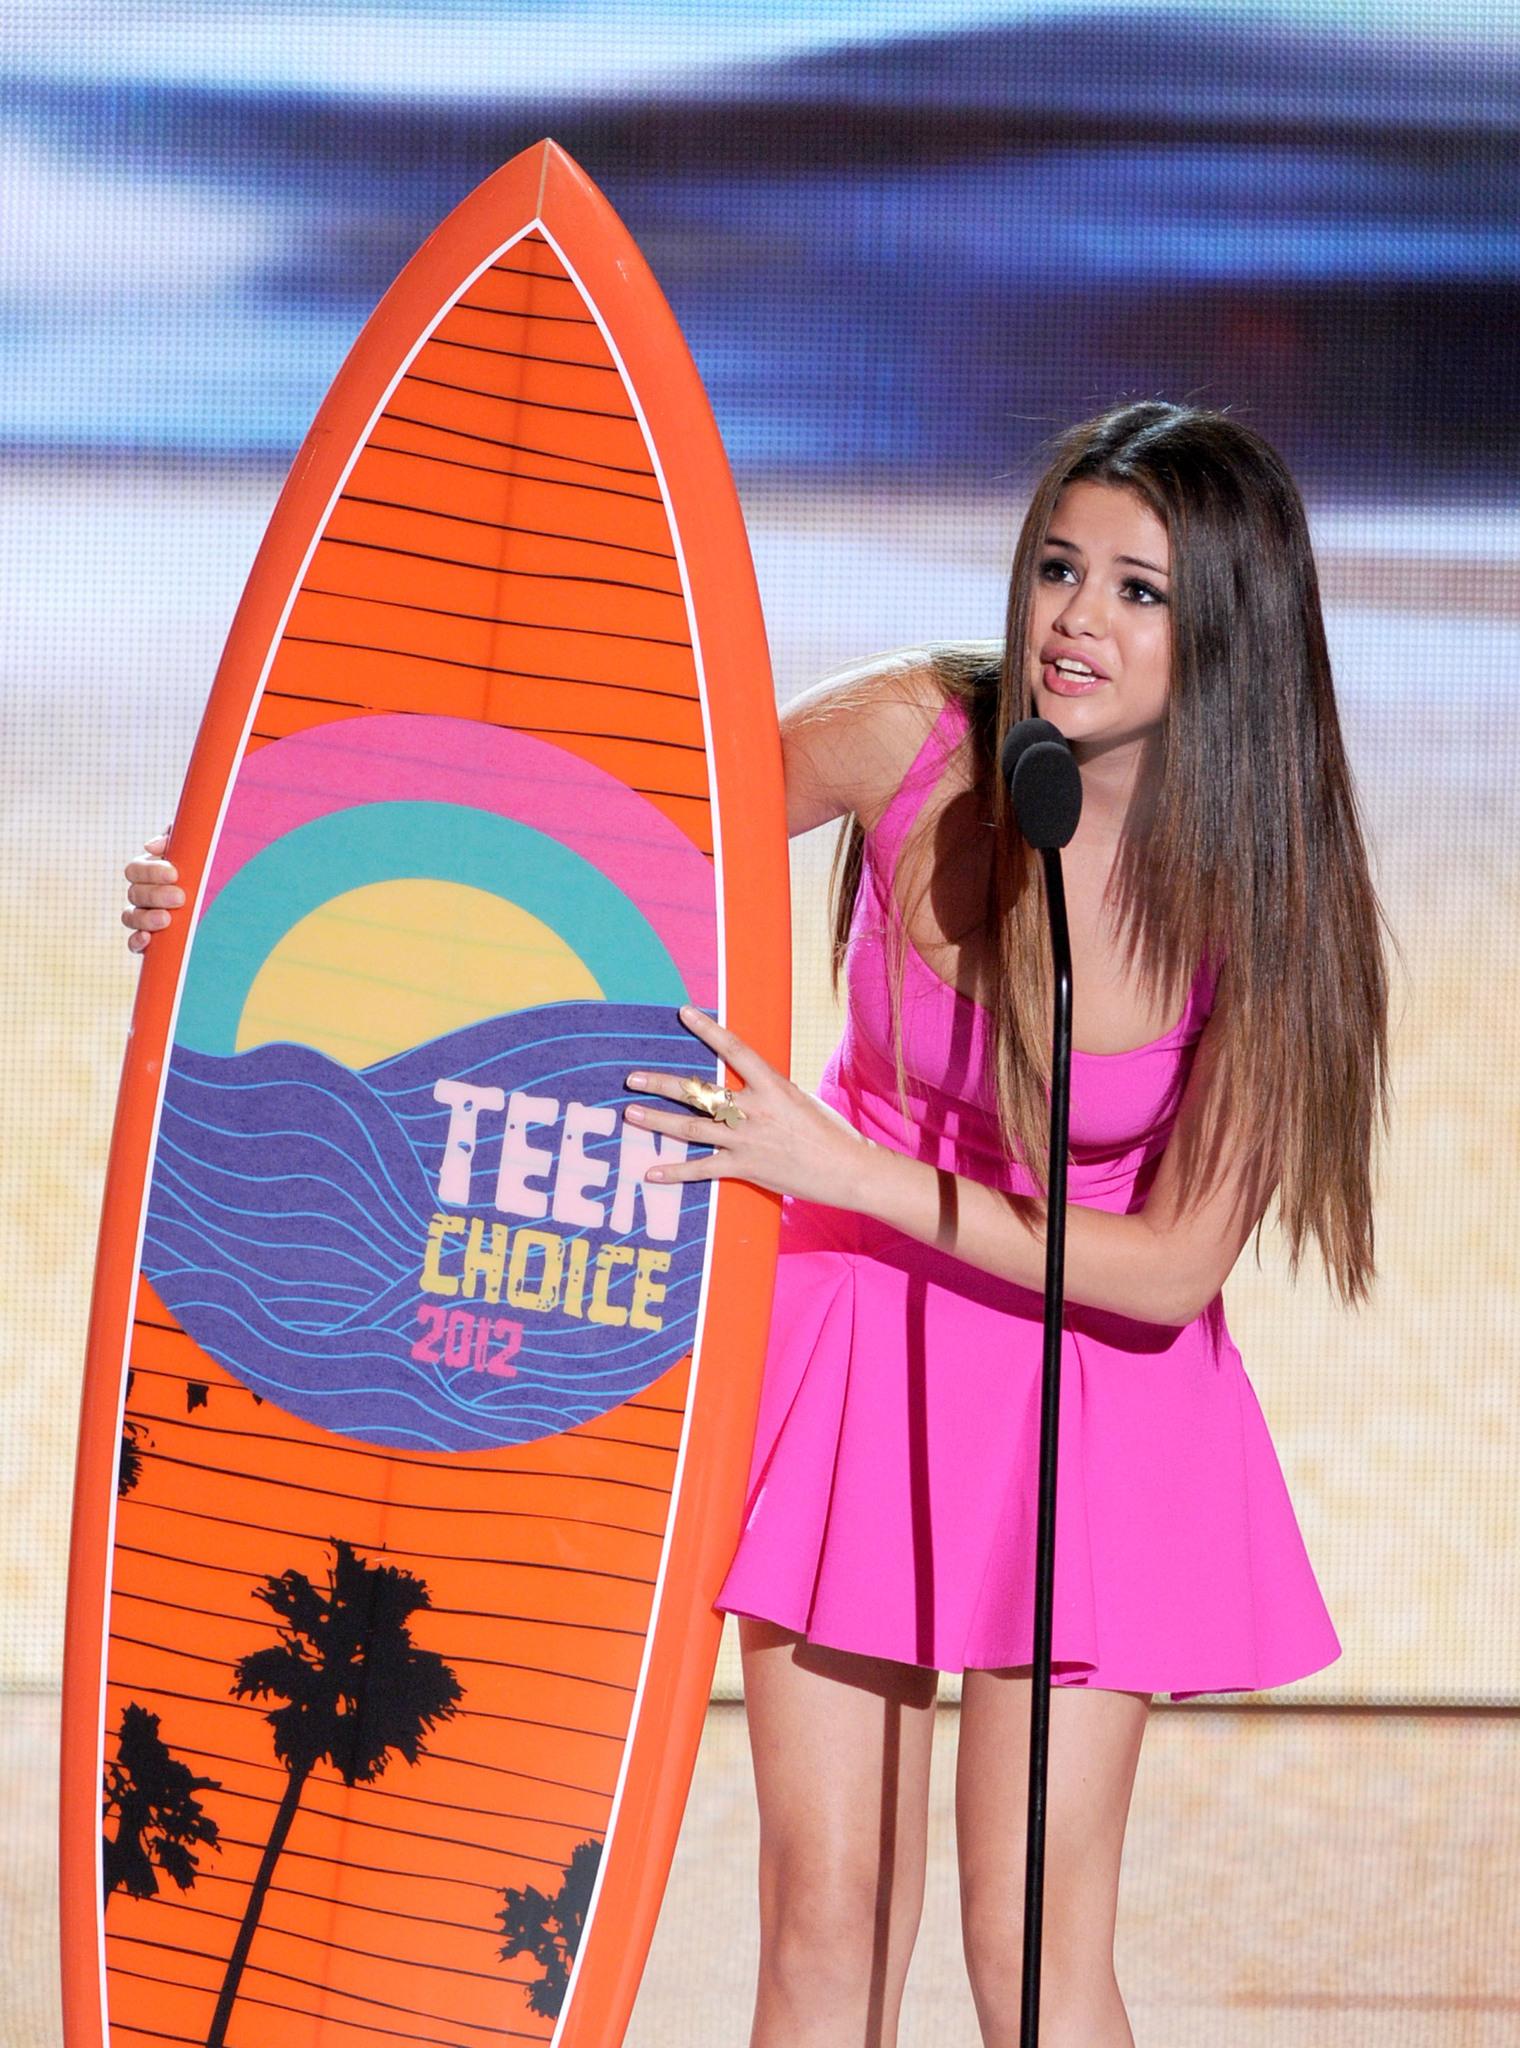 دانلود زیرنویس فارسی فیلم Teen Choice Awards 2012